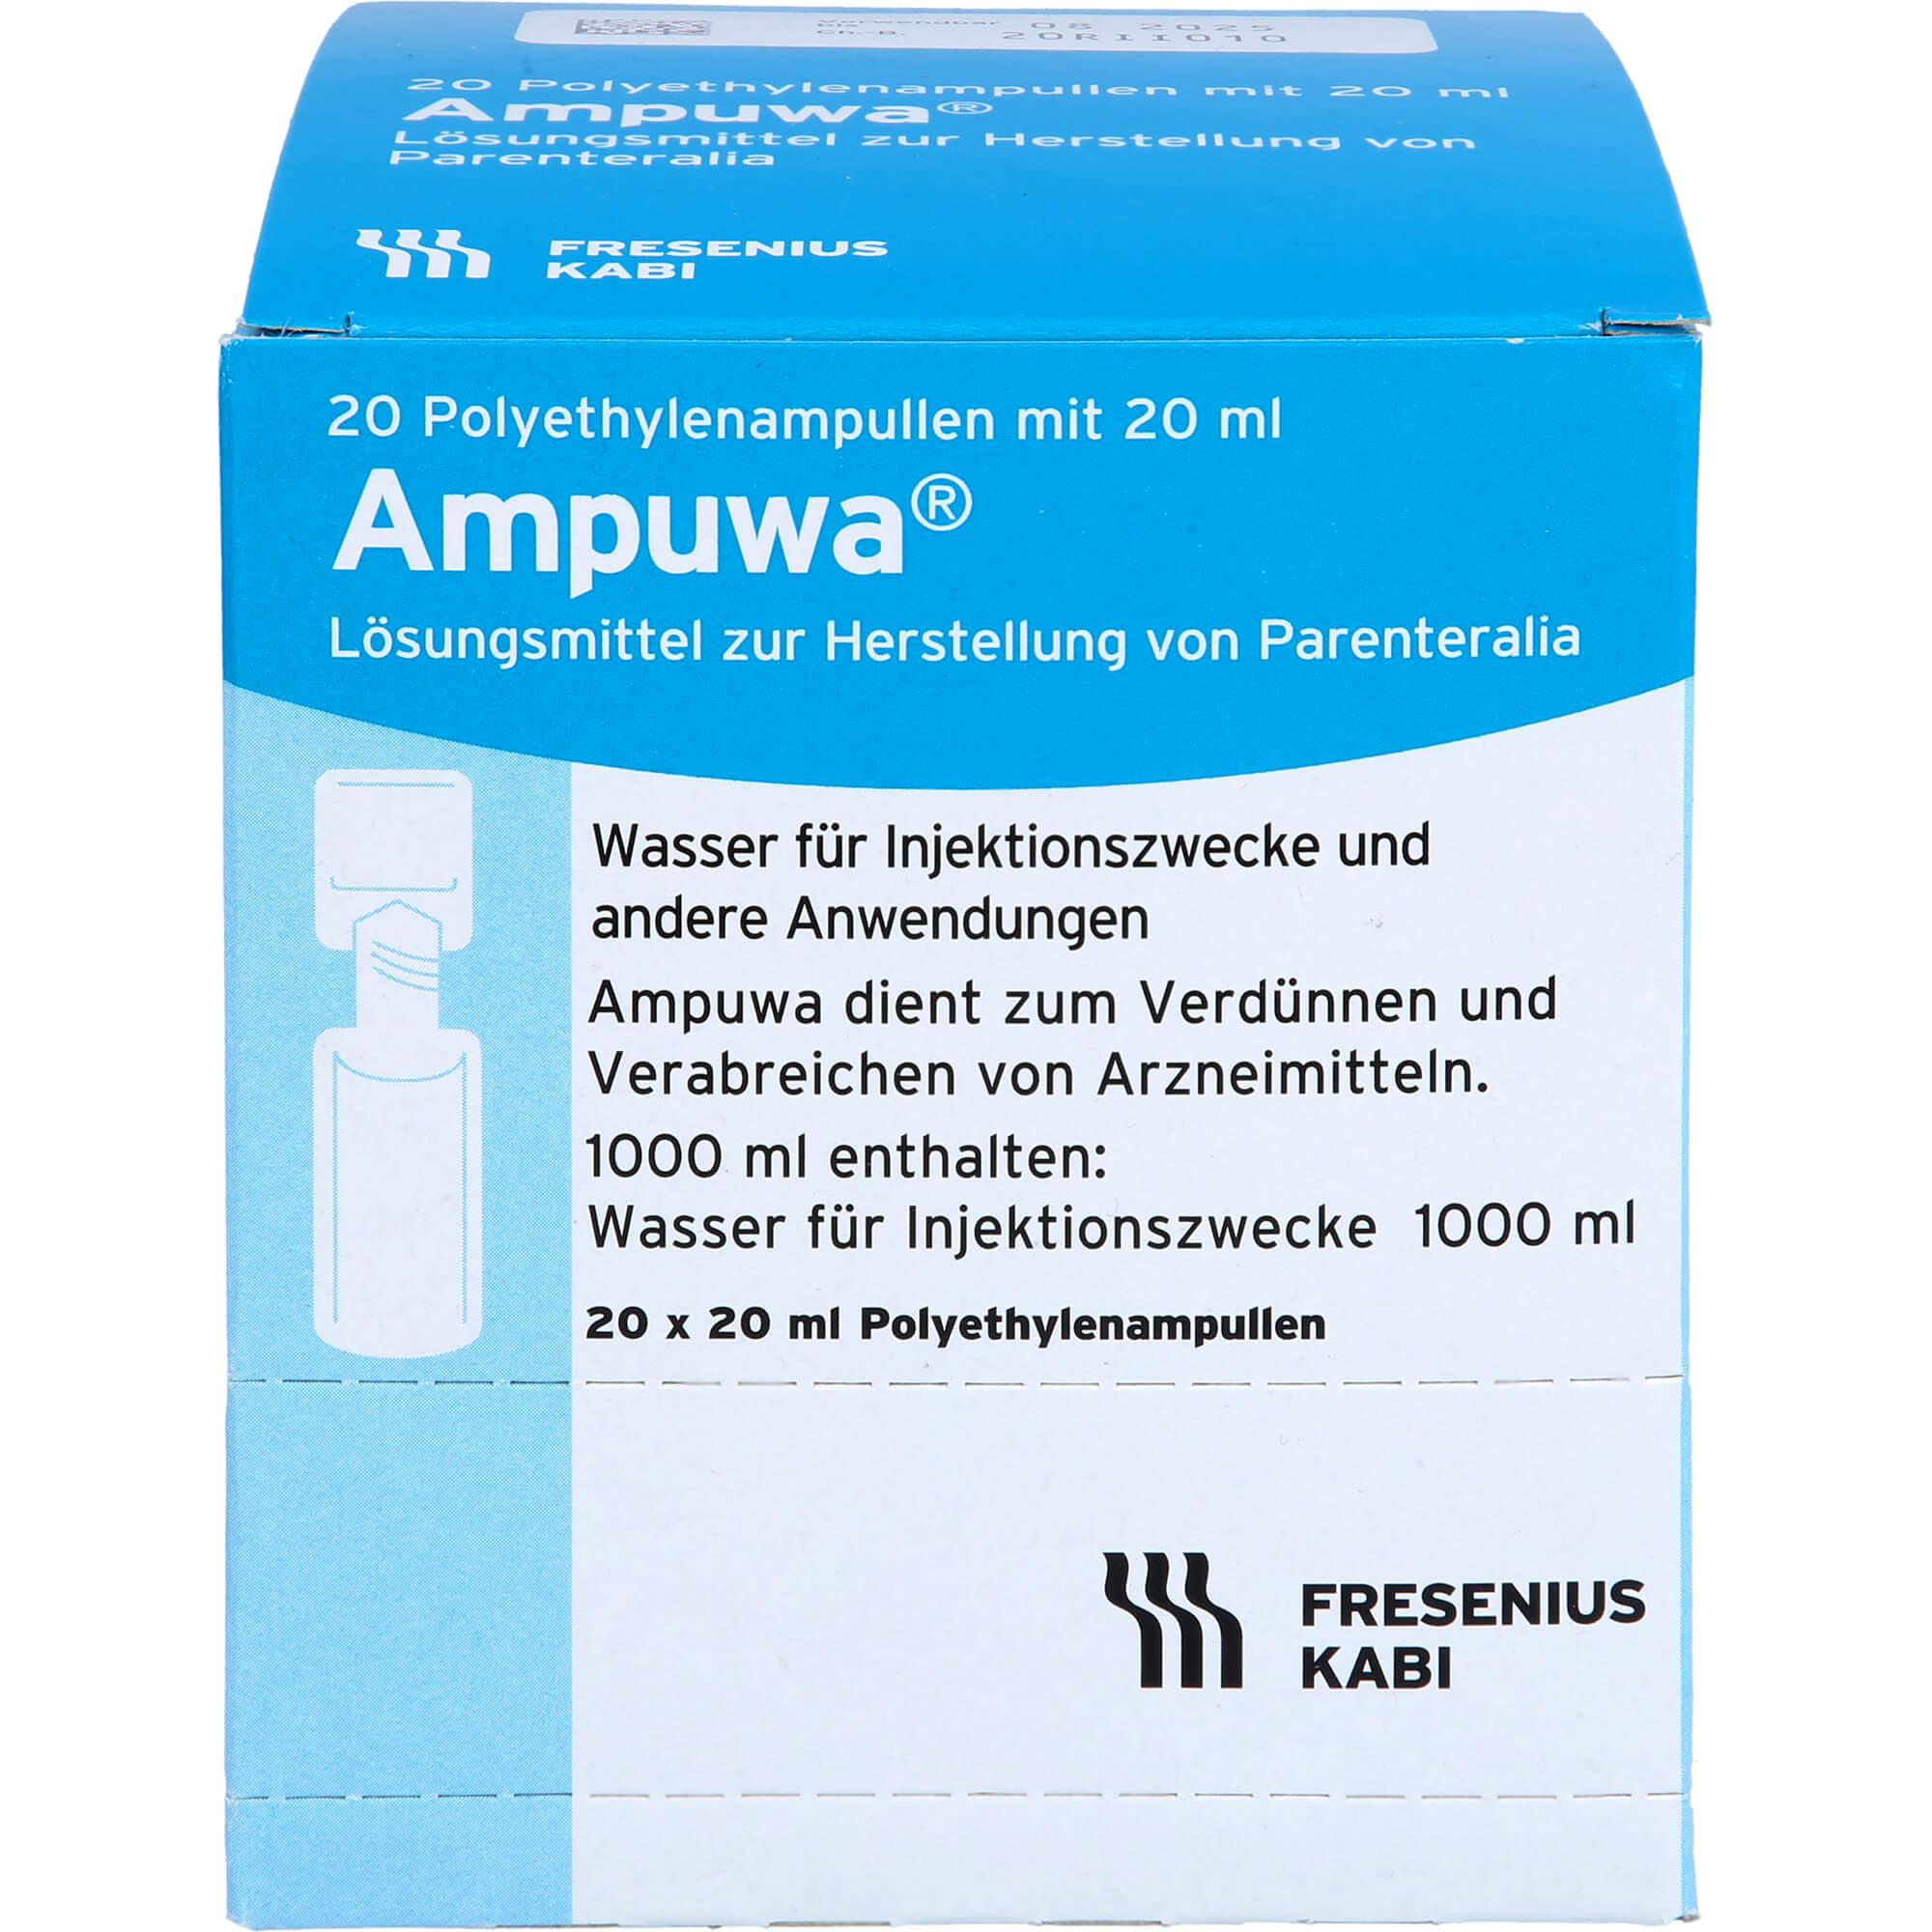 AMPUWA Plastikampullen Injektions-/Infusionslsg.